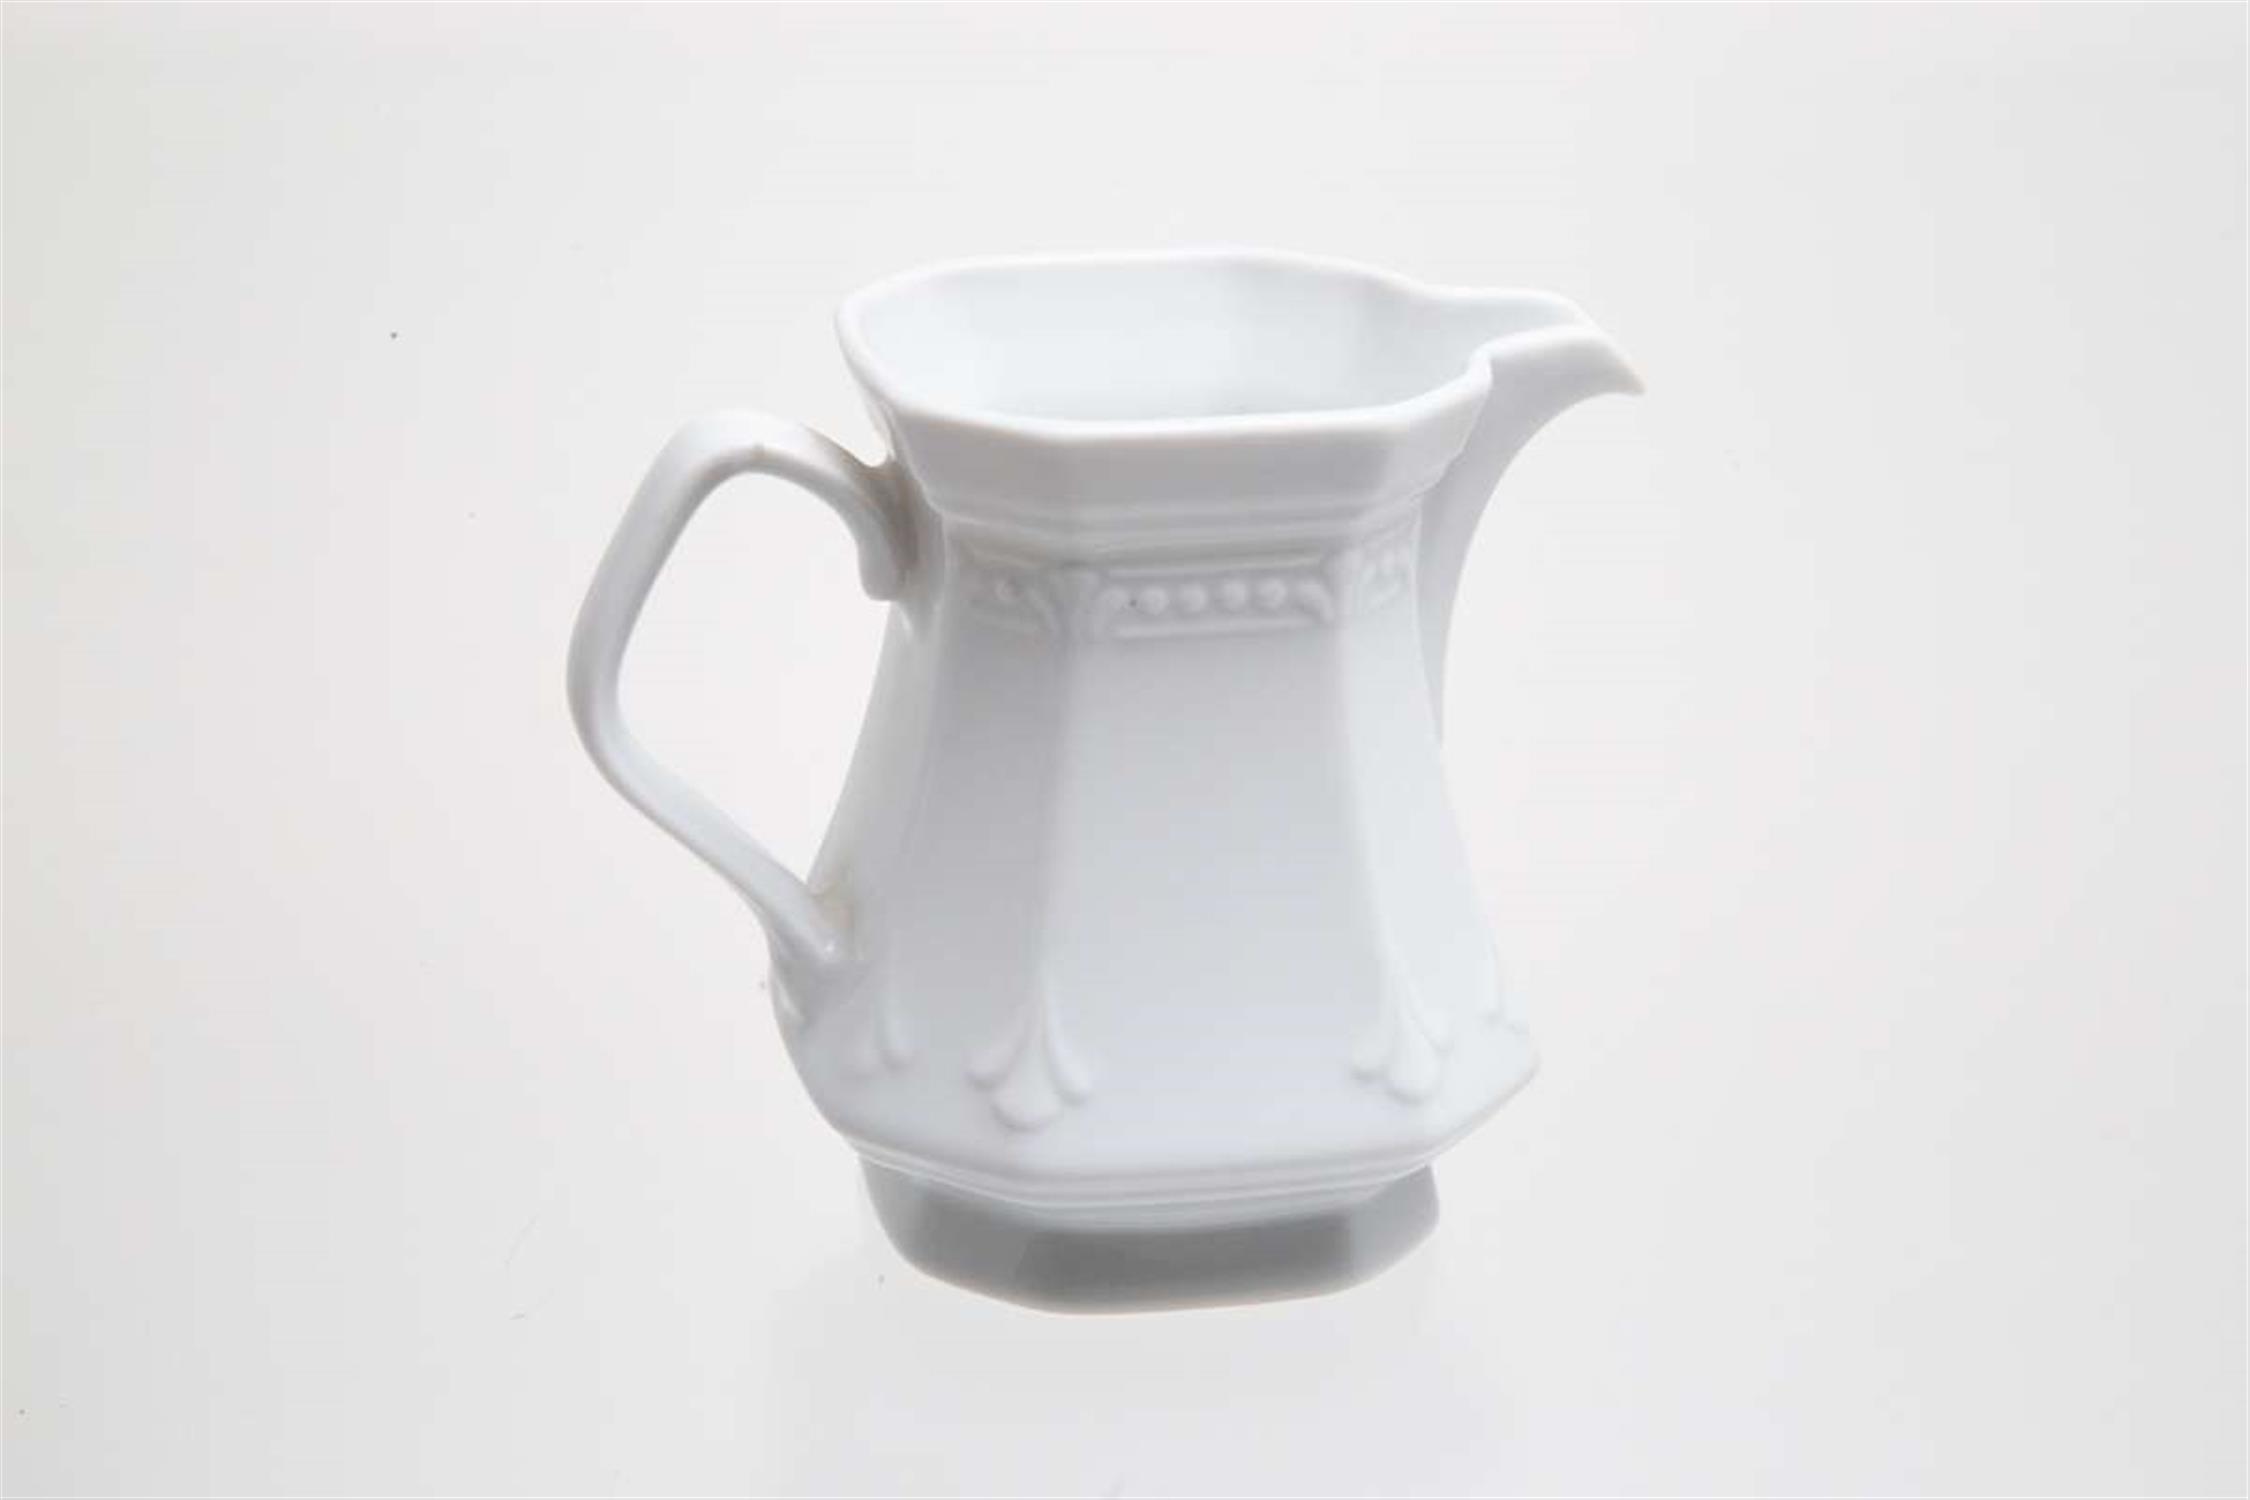 Γαλατιέρα πορσελάνινη λευκή 200ml